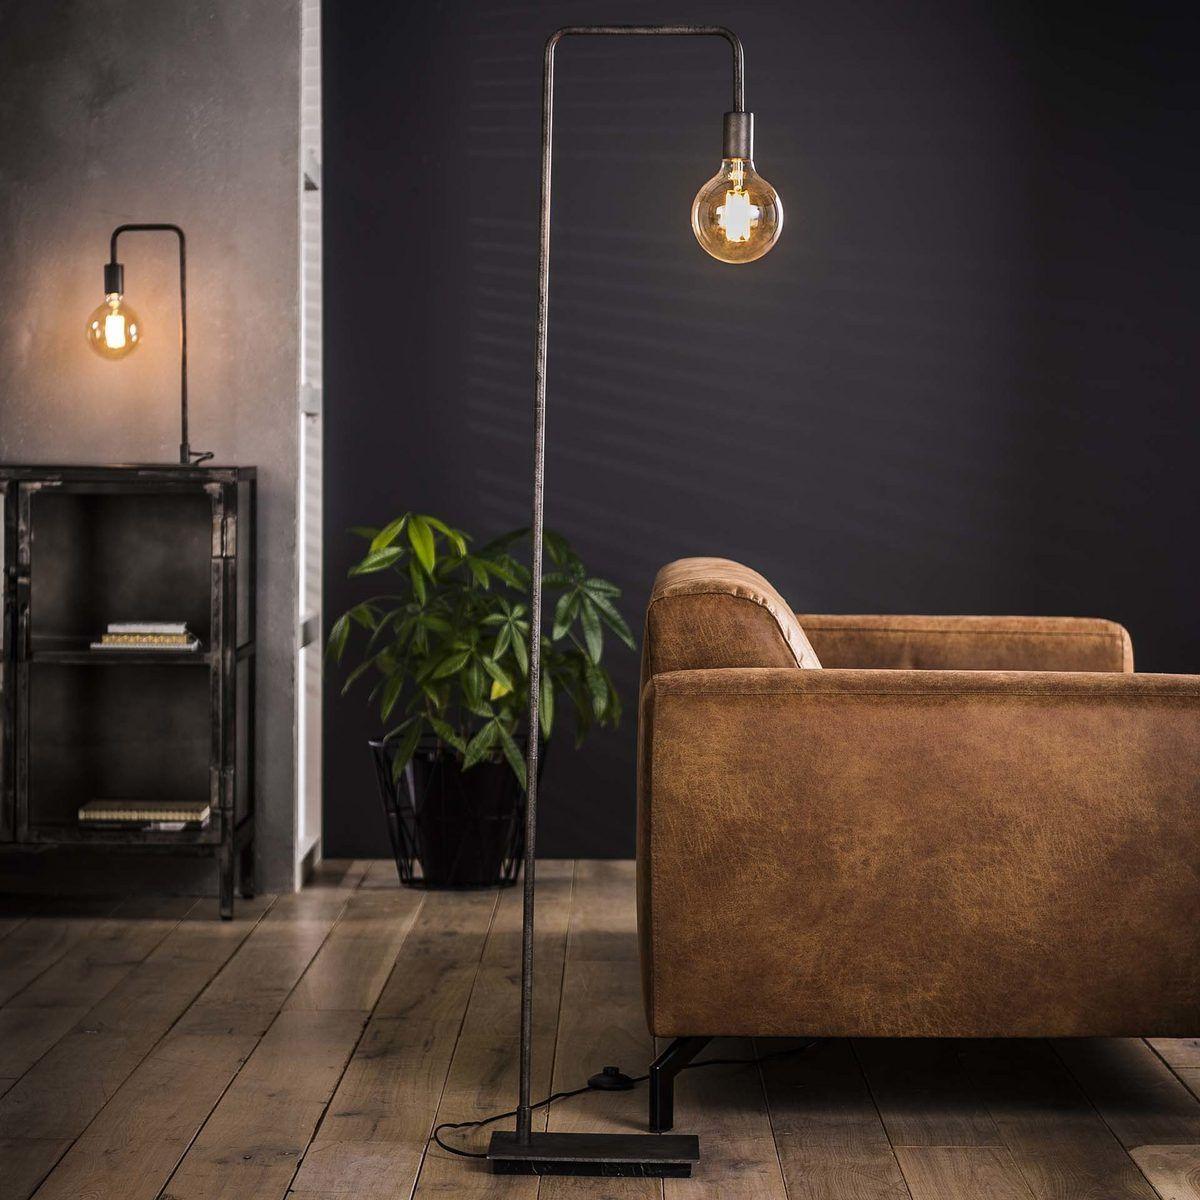 Salesfever Stehlampe Gebogen Mit 1 Leuchte Gion Otto Stehlampe Haus Deko Wohnen